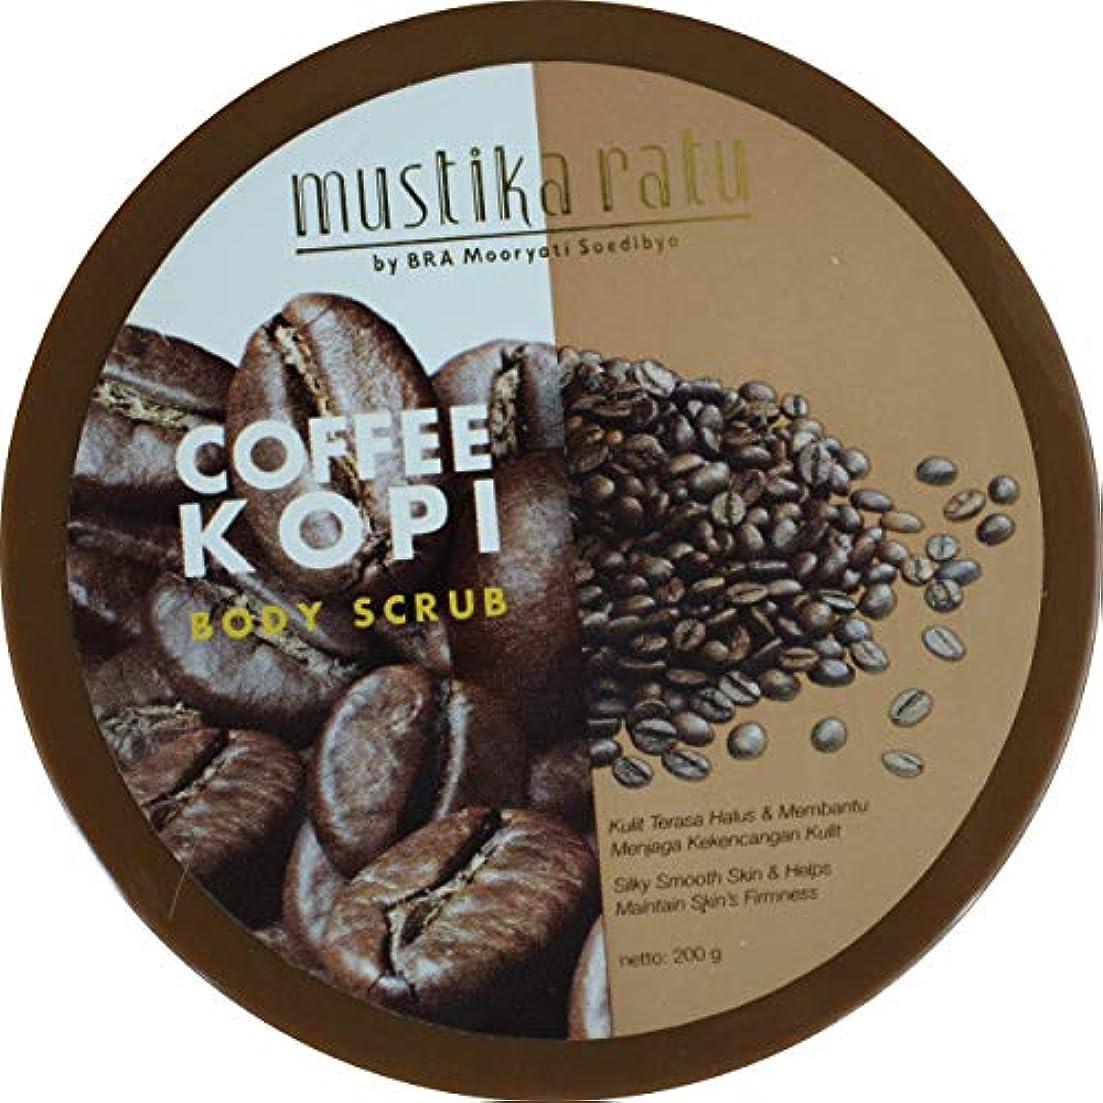 ぬるいスケジュールステンレスMustika Ratu インドネシア200グラム単位でのコーヒーボディスクラップ